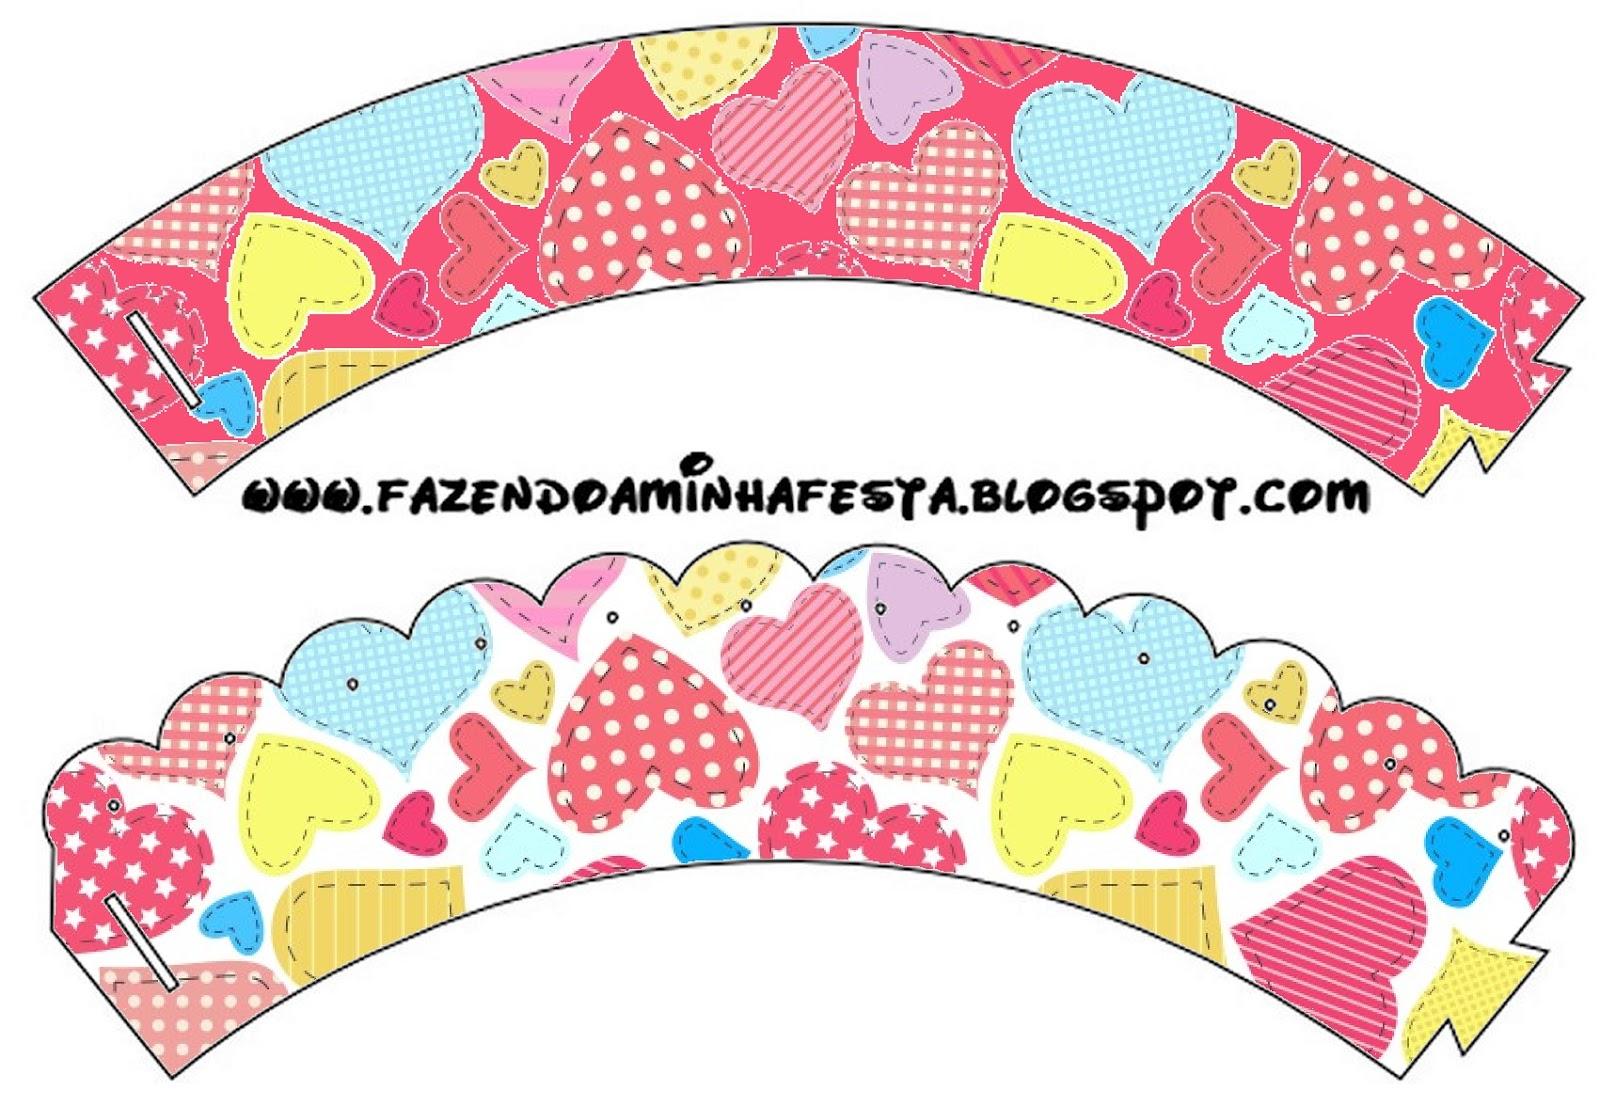 http://3.bp.blogspot.com/-DD3jMFA9aPk/T8brdJhbiNI/AAAAAAAArH8/gAje6KB8ztE/s1600/8+wrappers+cupcake.jpg